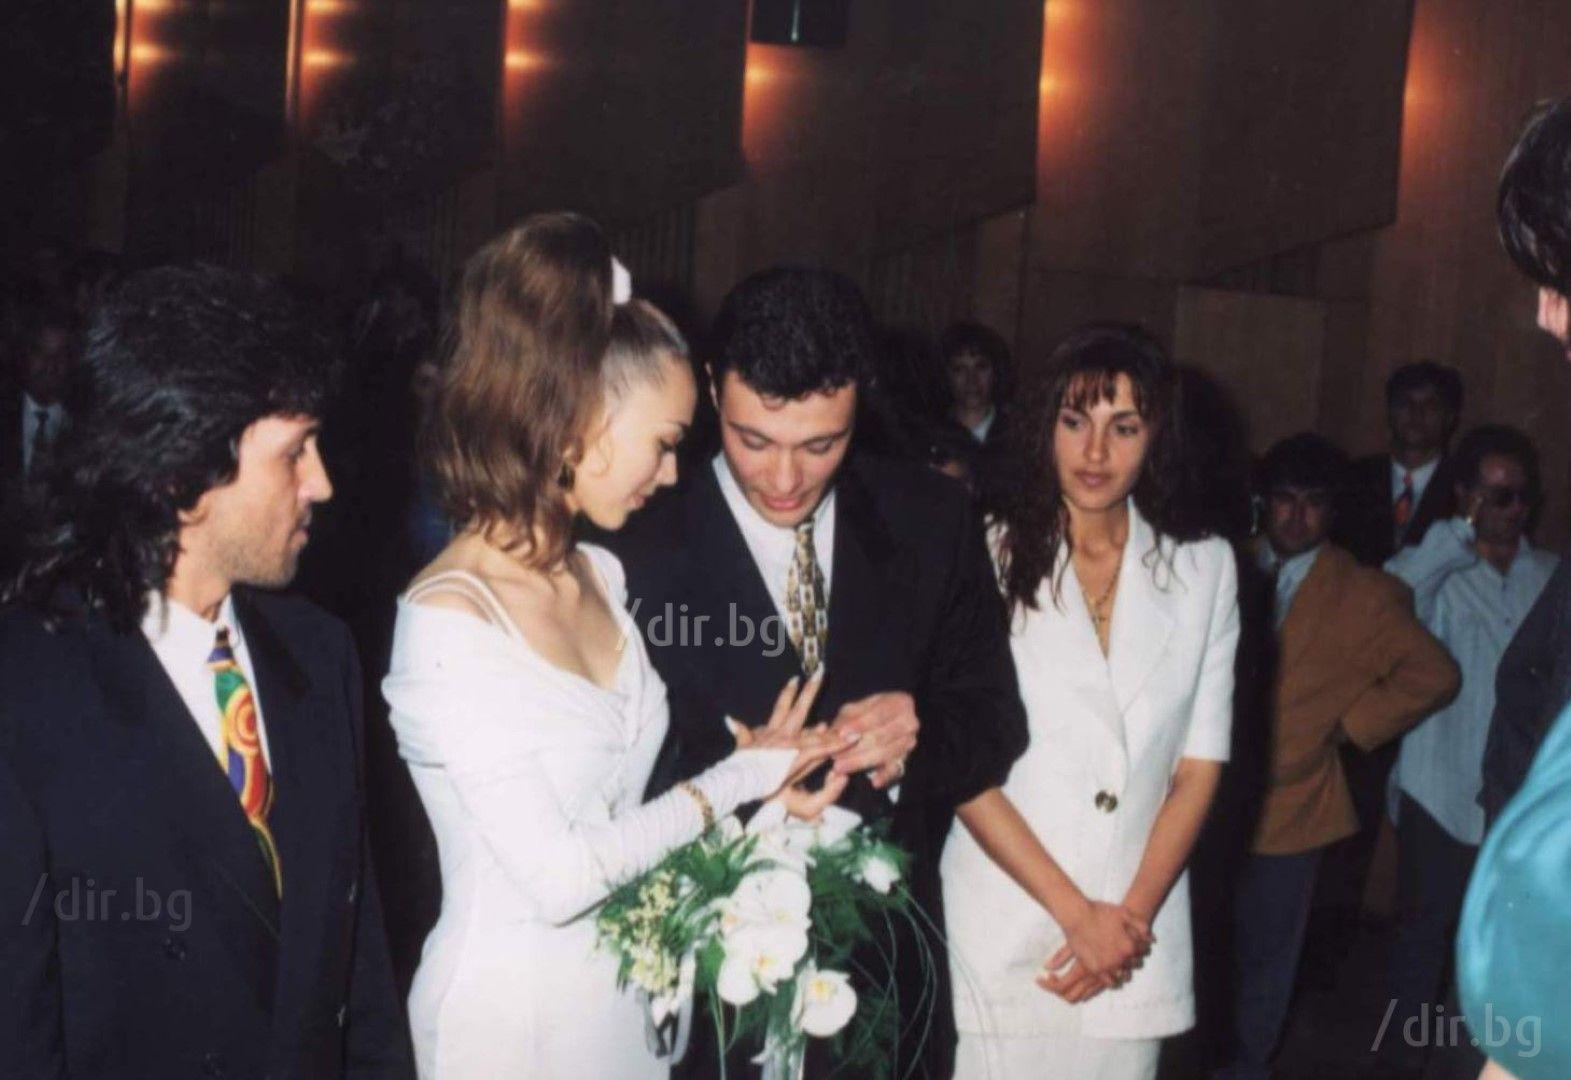 Кумуват Румен Маринов-Нарциса и съпругата му Биана Антонова-Биби.